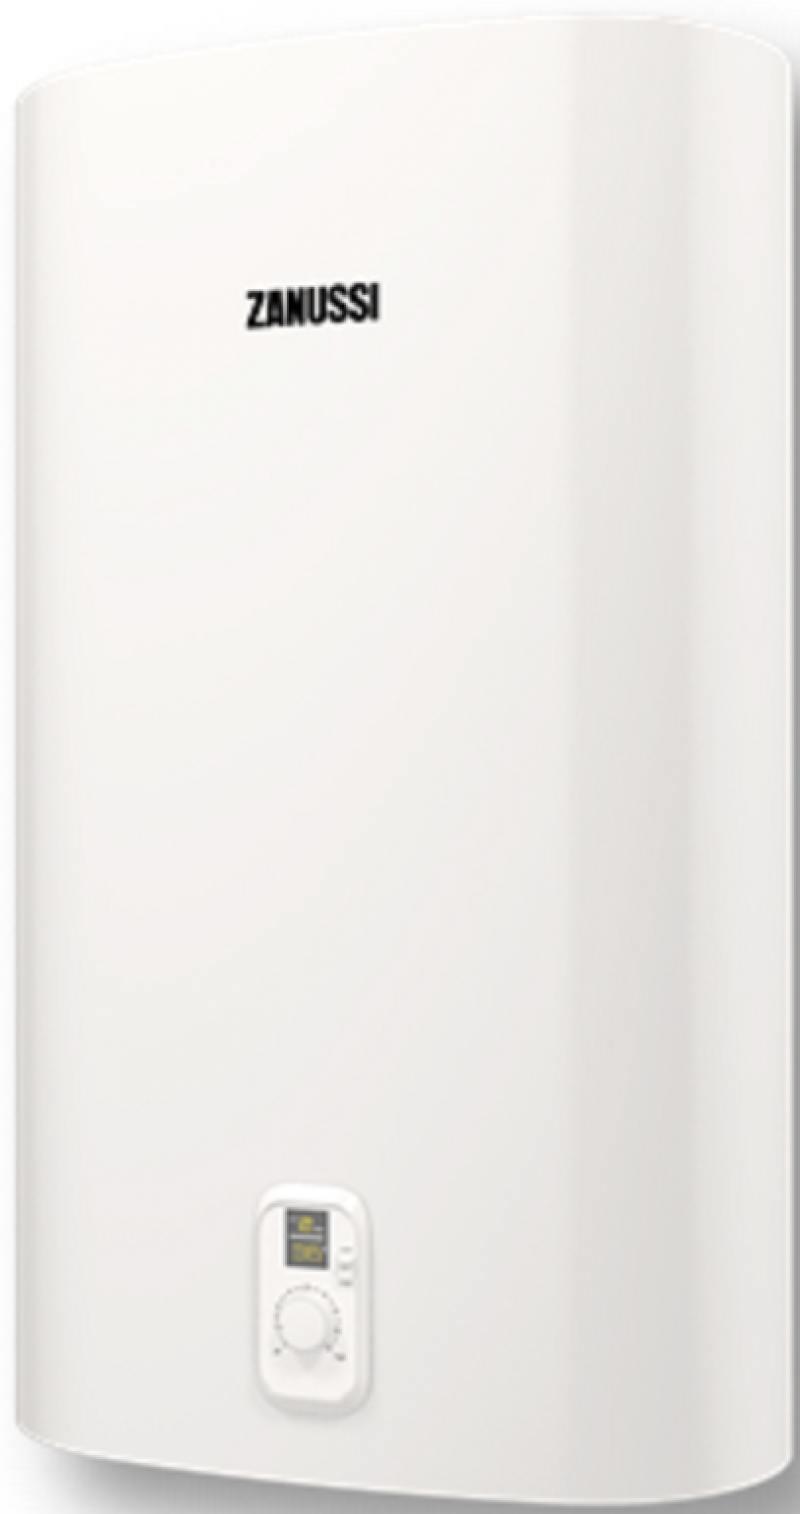 Водонагреватель накопительный Zanussi ZWH/S 30 Splendore 80л 2кВт водонагреватель накопительный zanussi zwh s 30 smalto